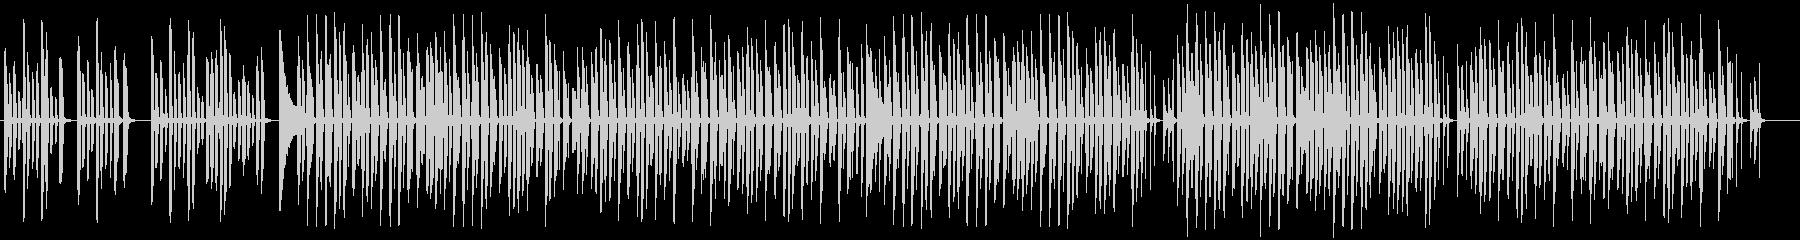 日常系ほのぼのしたBGMの未再生の波形